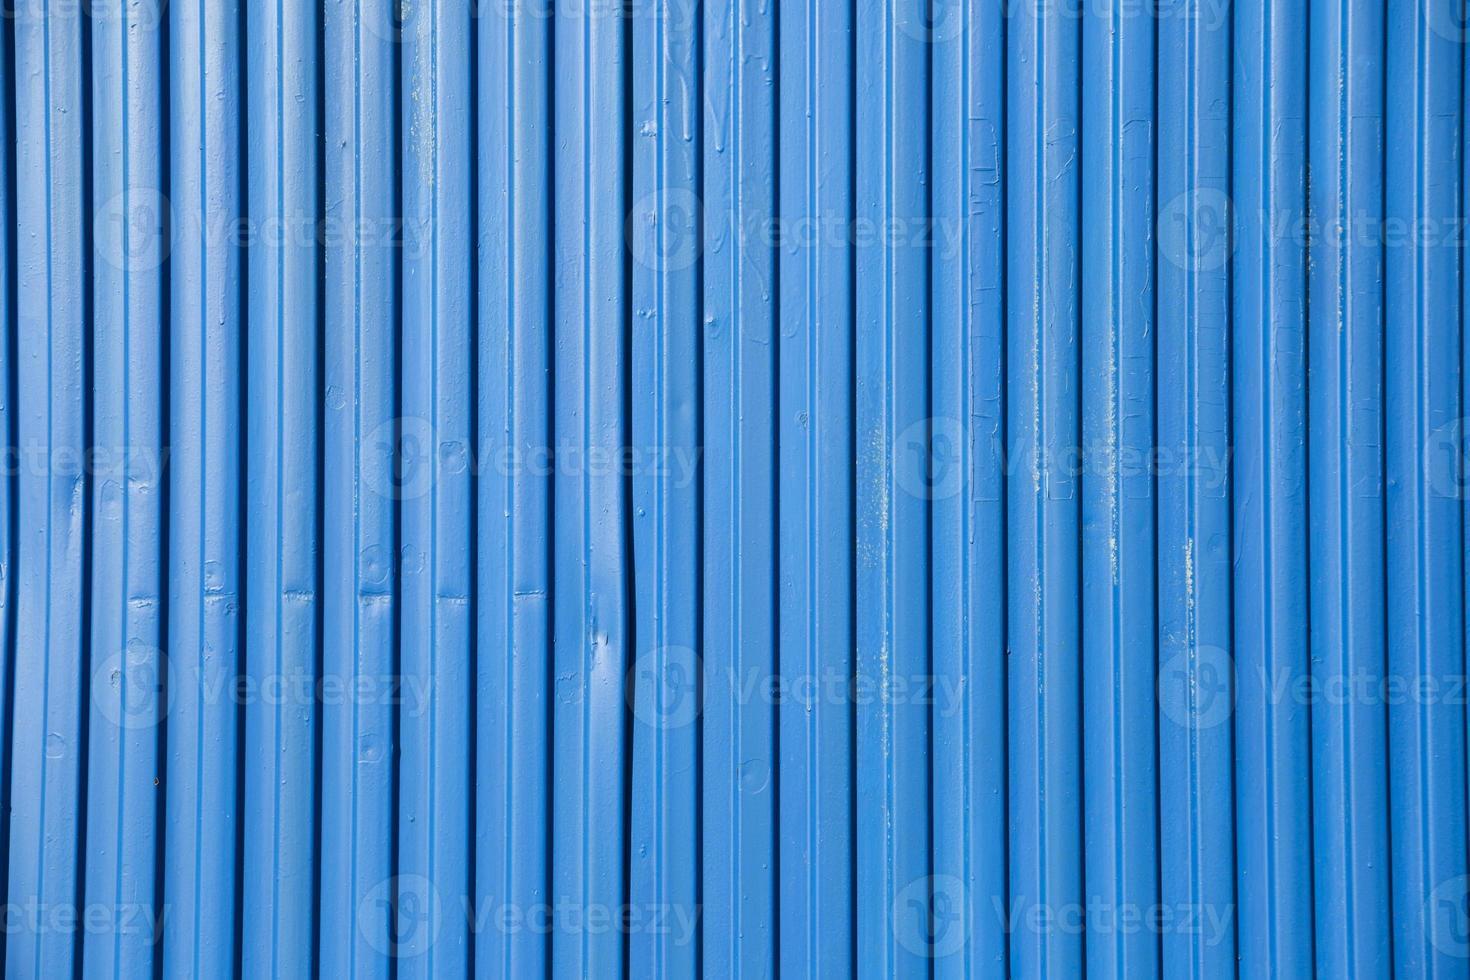 vibrante contenitore blu foto